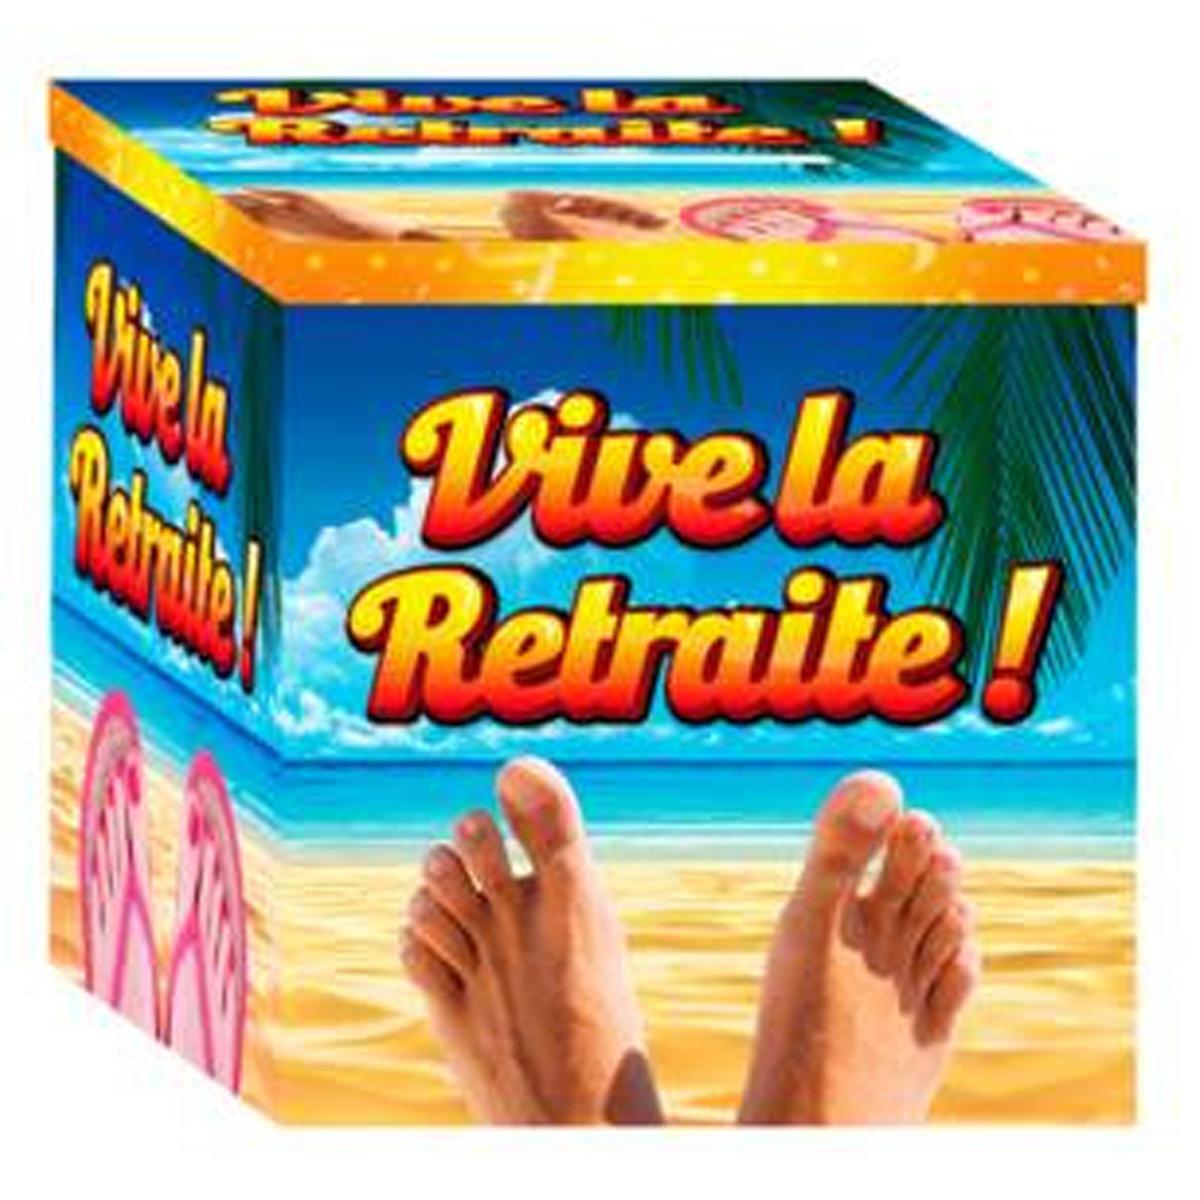 Urne cartonnée \'Vive la Retraite !\' multicolore (doigts de pieds en éventail) - 20x20 cm - [R2959]